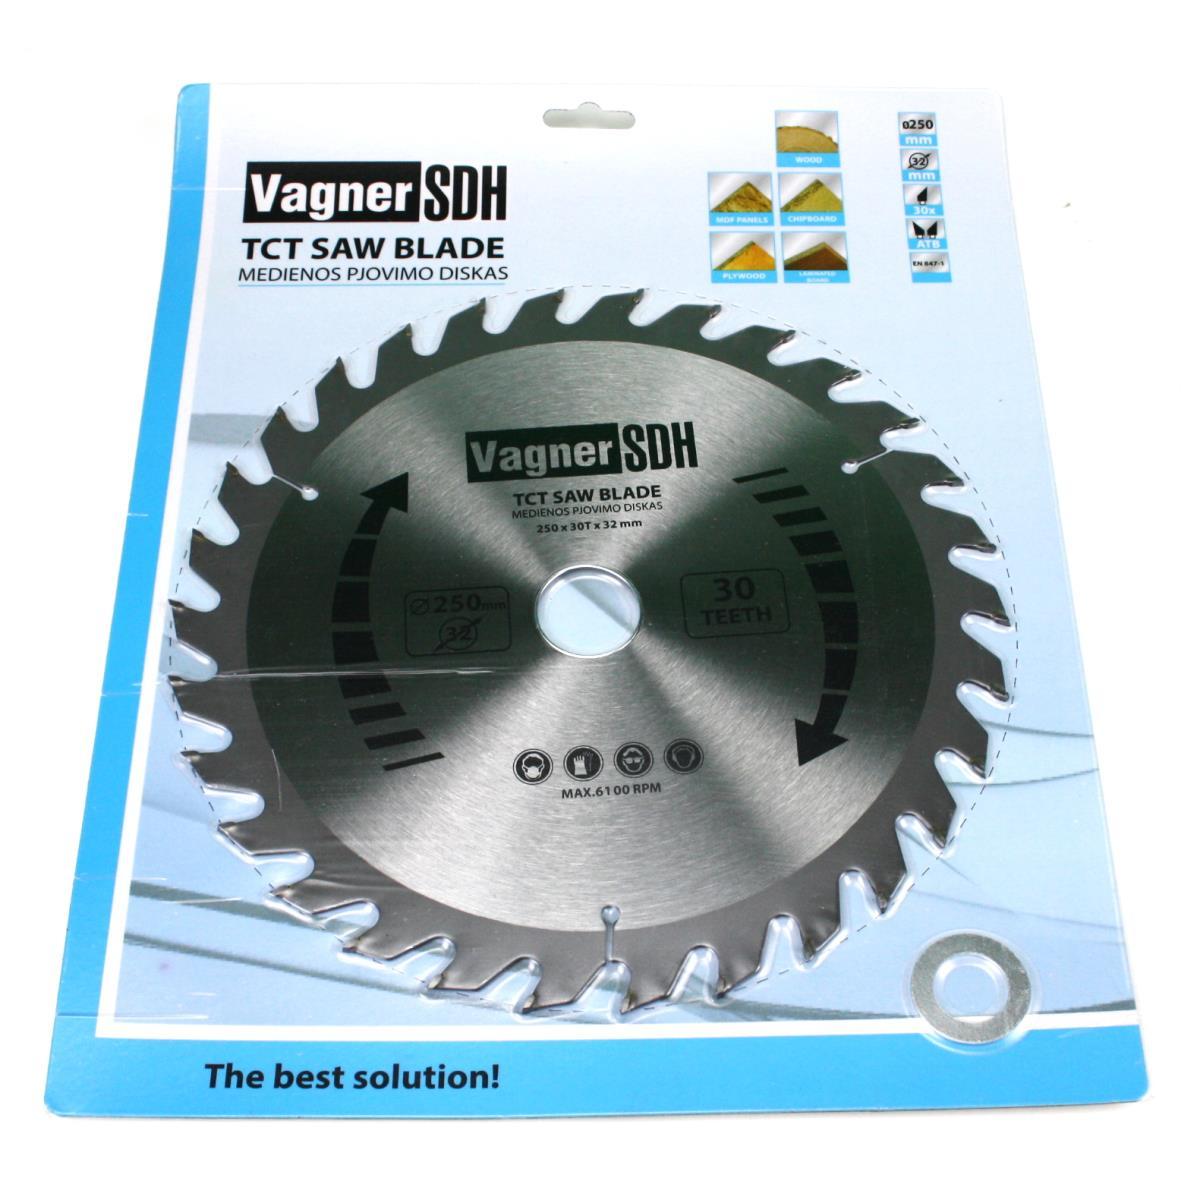 Sägeblatt 250mm Kreissägeblatt für Holz, 30 Zähne, 32-30-20mm,Vagner SDH,51005416, 6941125230702